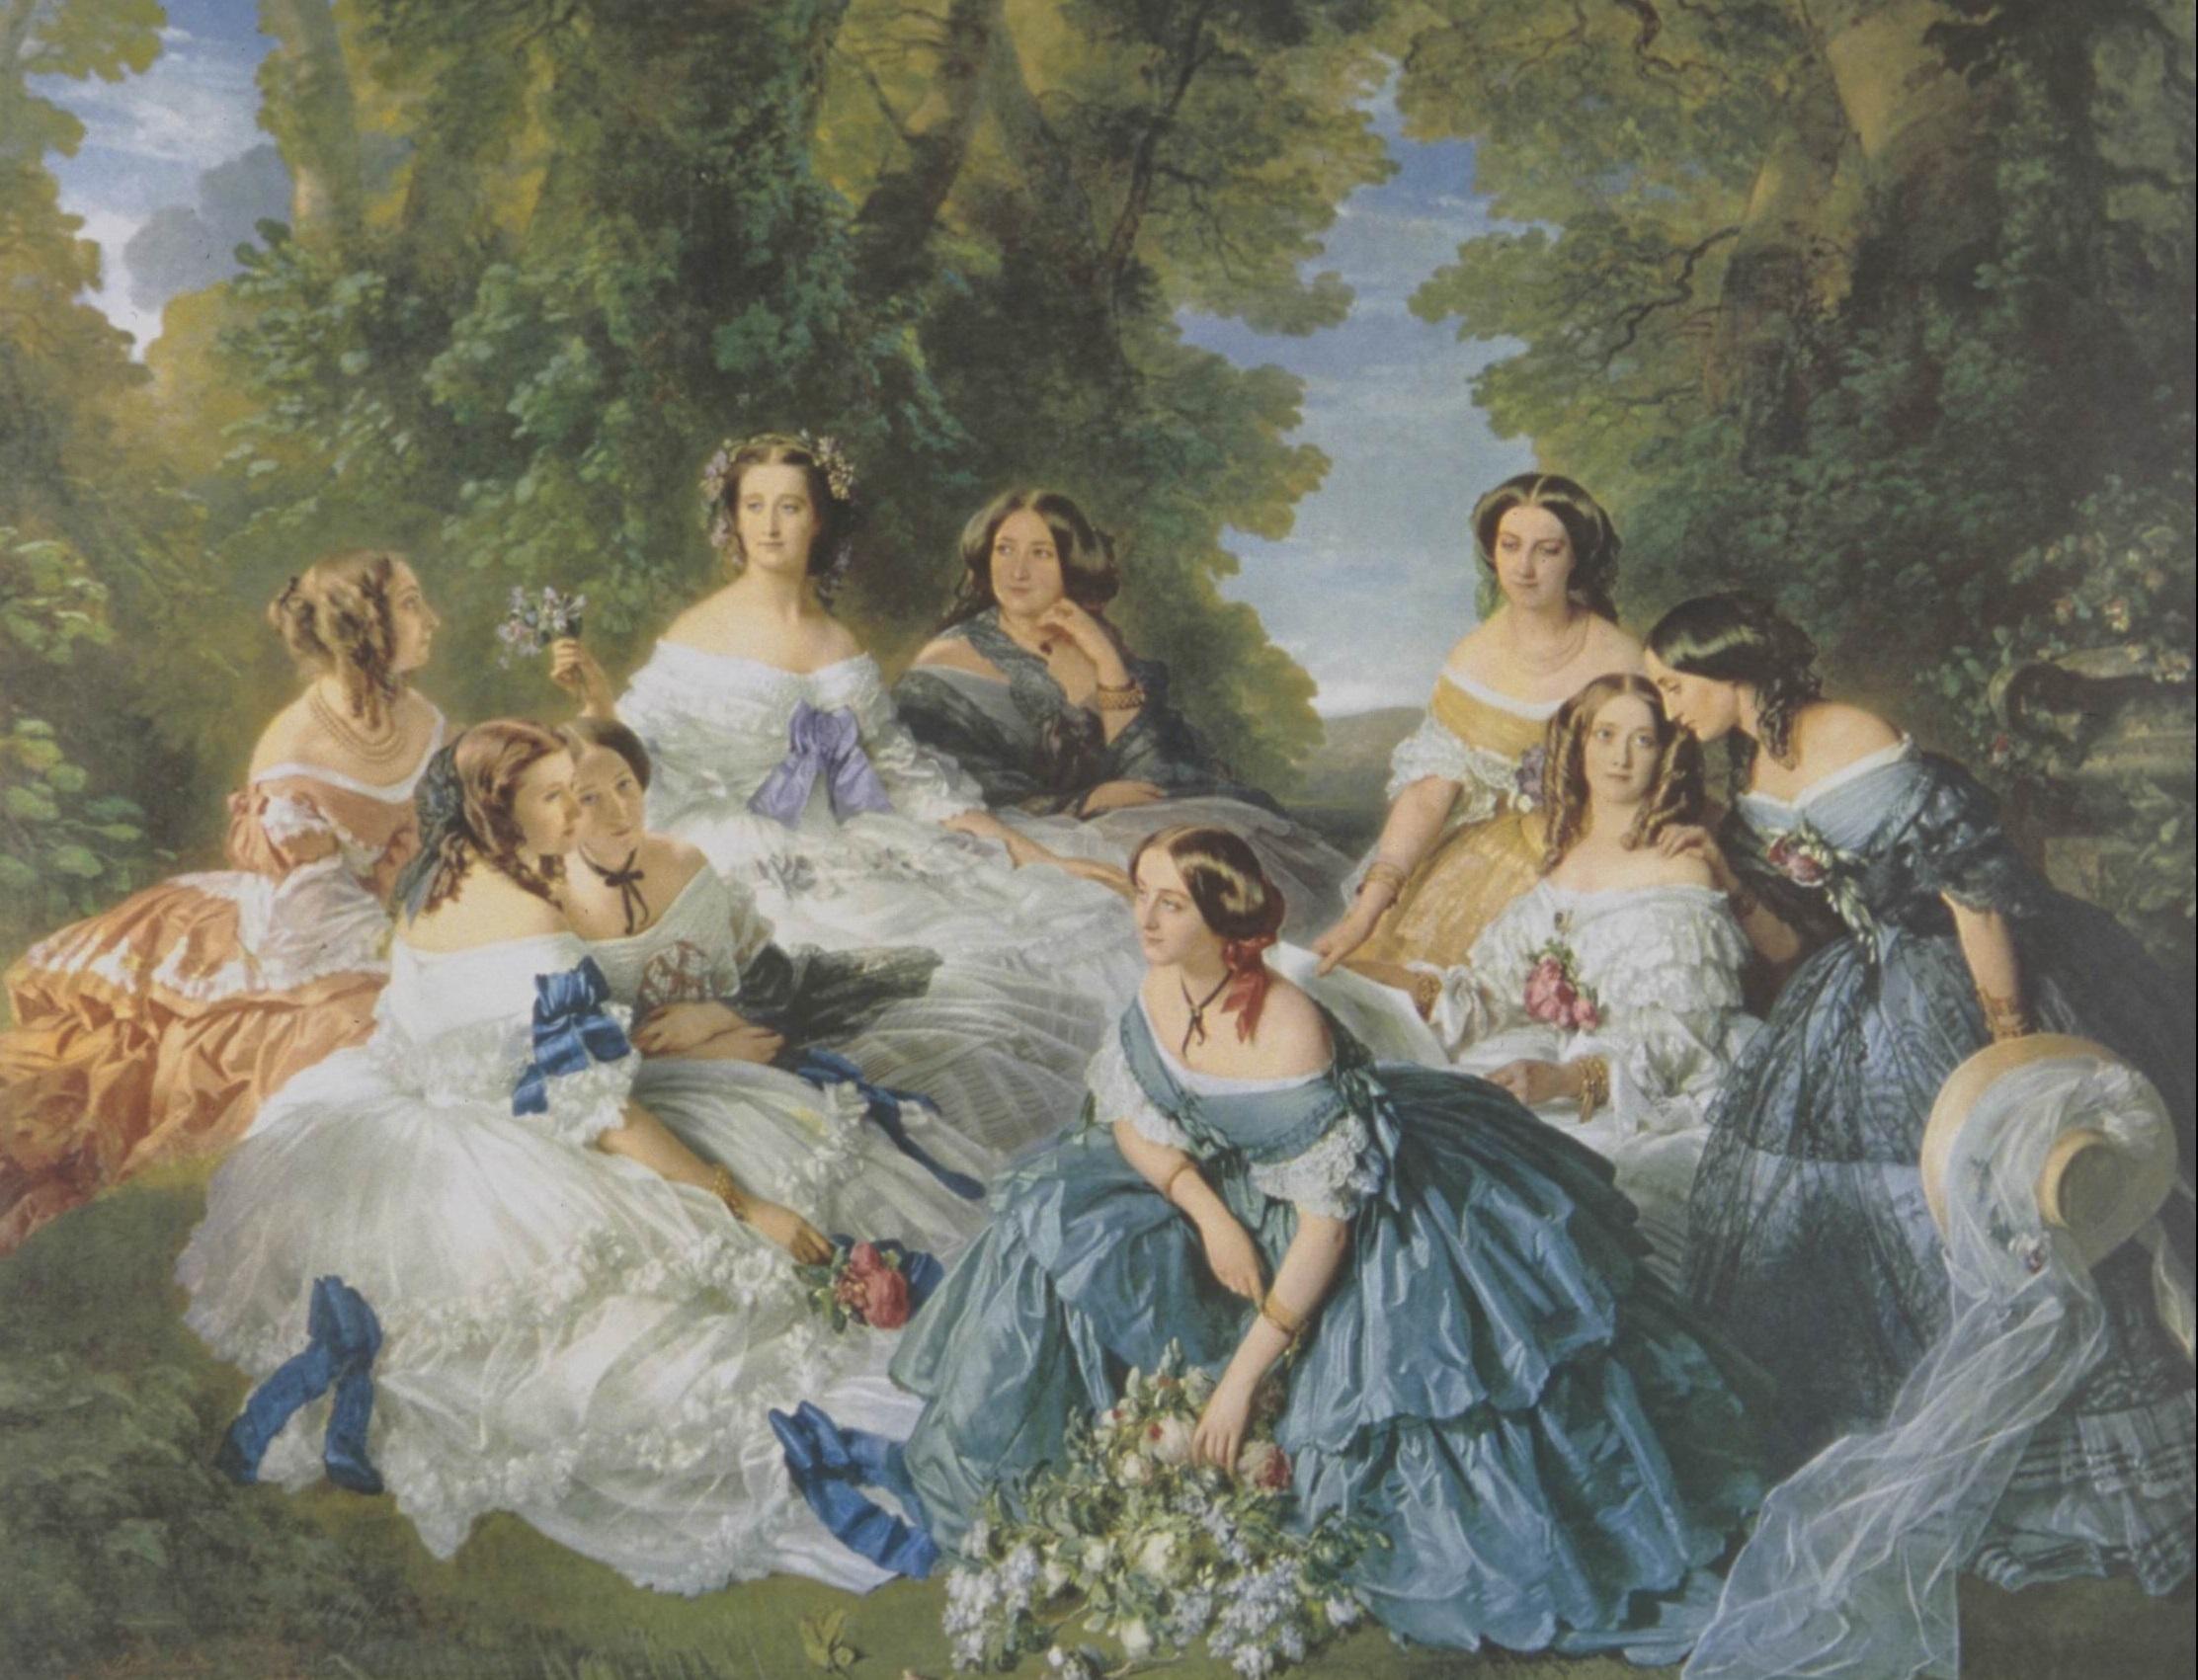 8 шокирующих примеров викторианской моды, которые заставят вас пересмотреть понятия о красоте